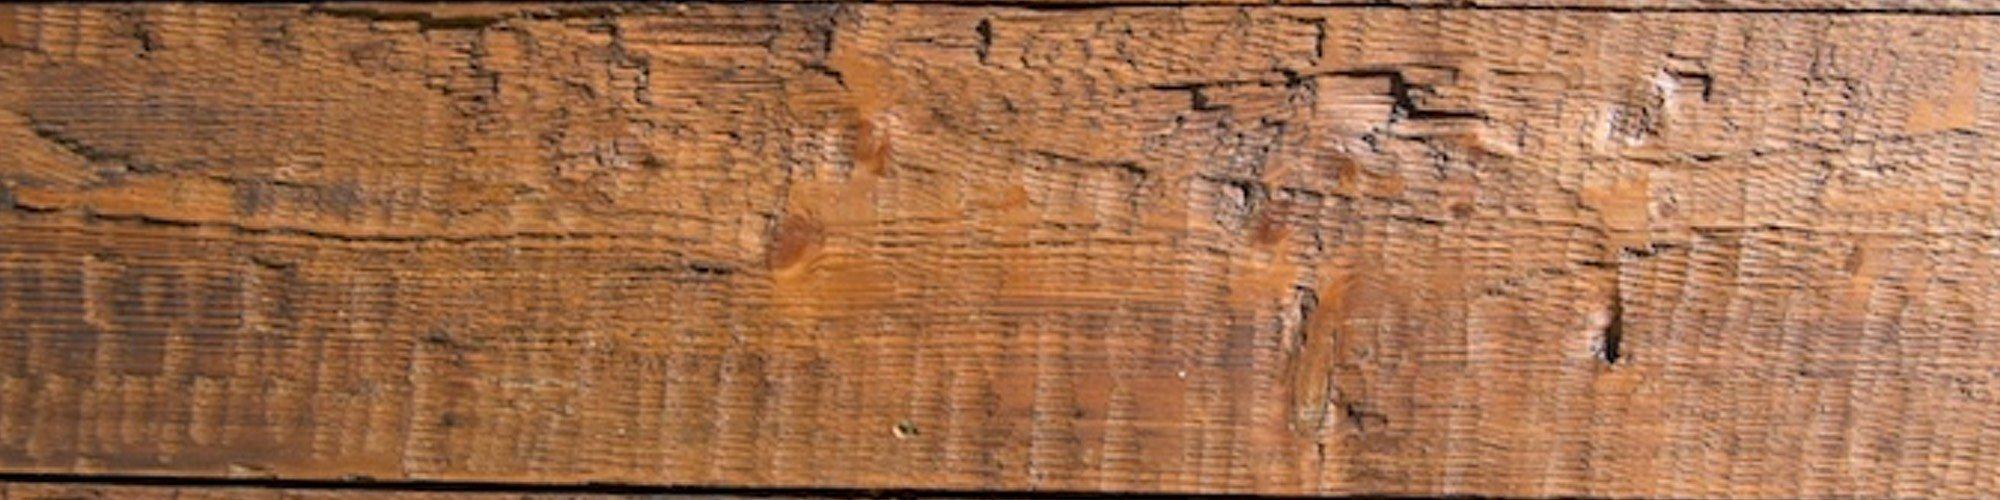 Da cosa deriva la grande resistenza del legno paral parquet - Tavole legno vecchio prezzi ...